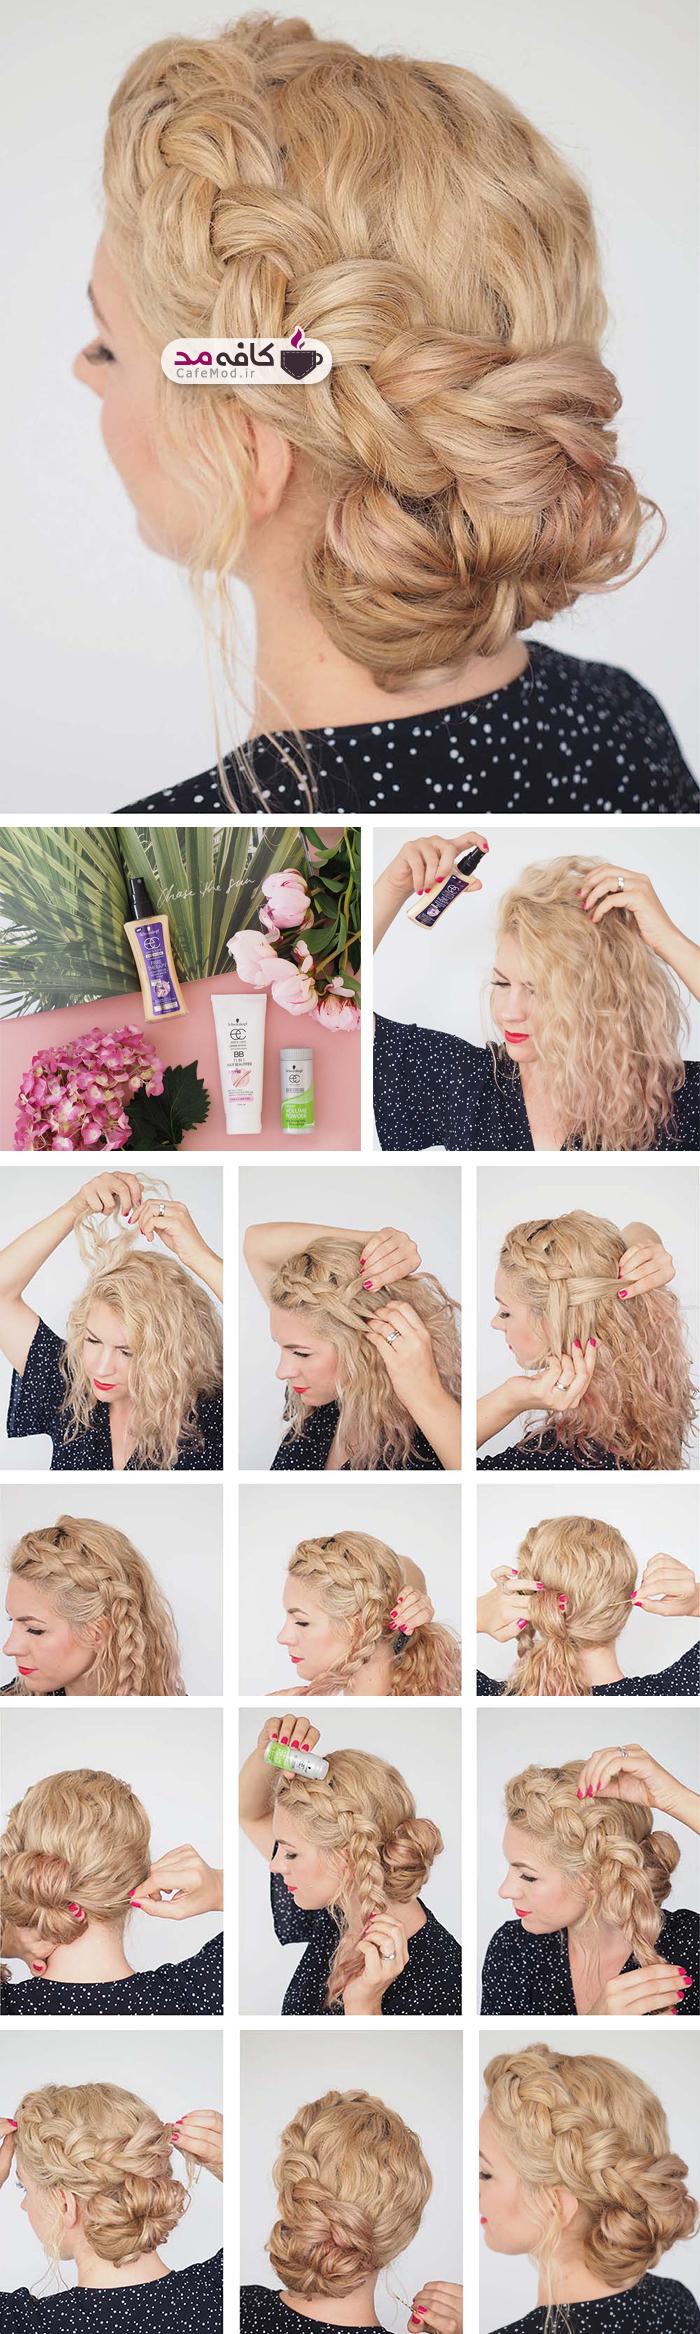 آموزش بافت و بستن مو برای مهمانی